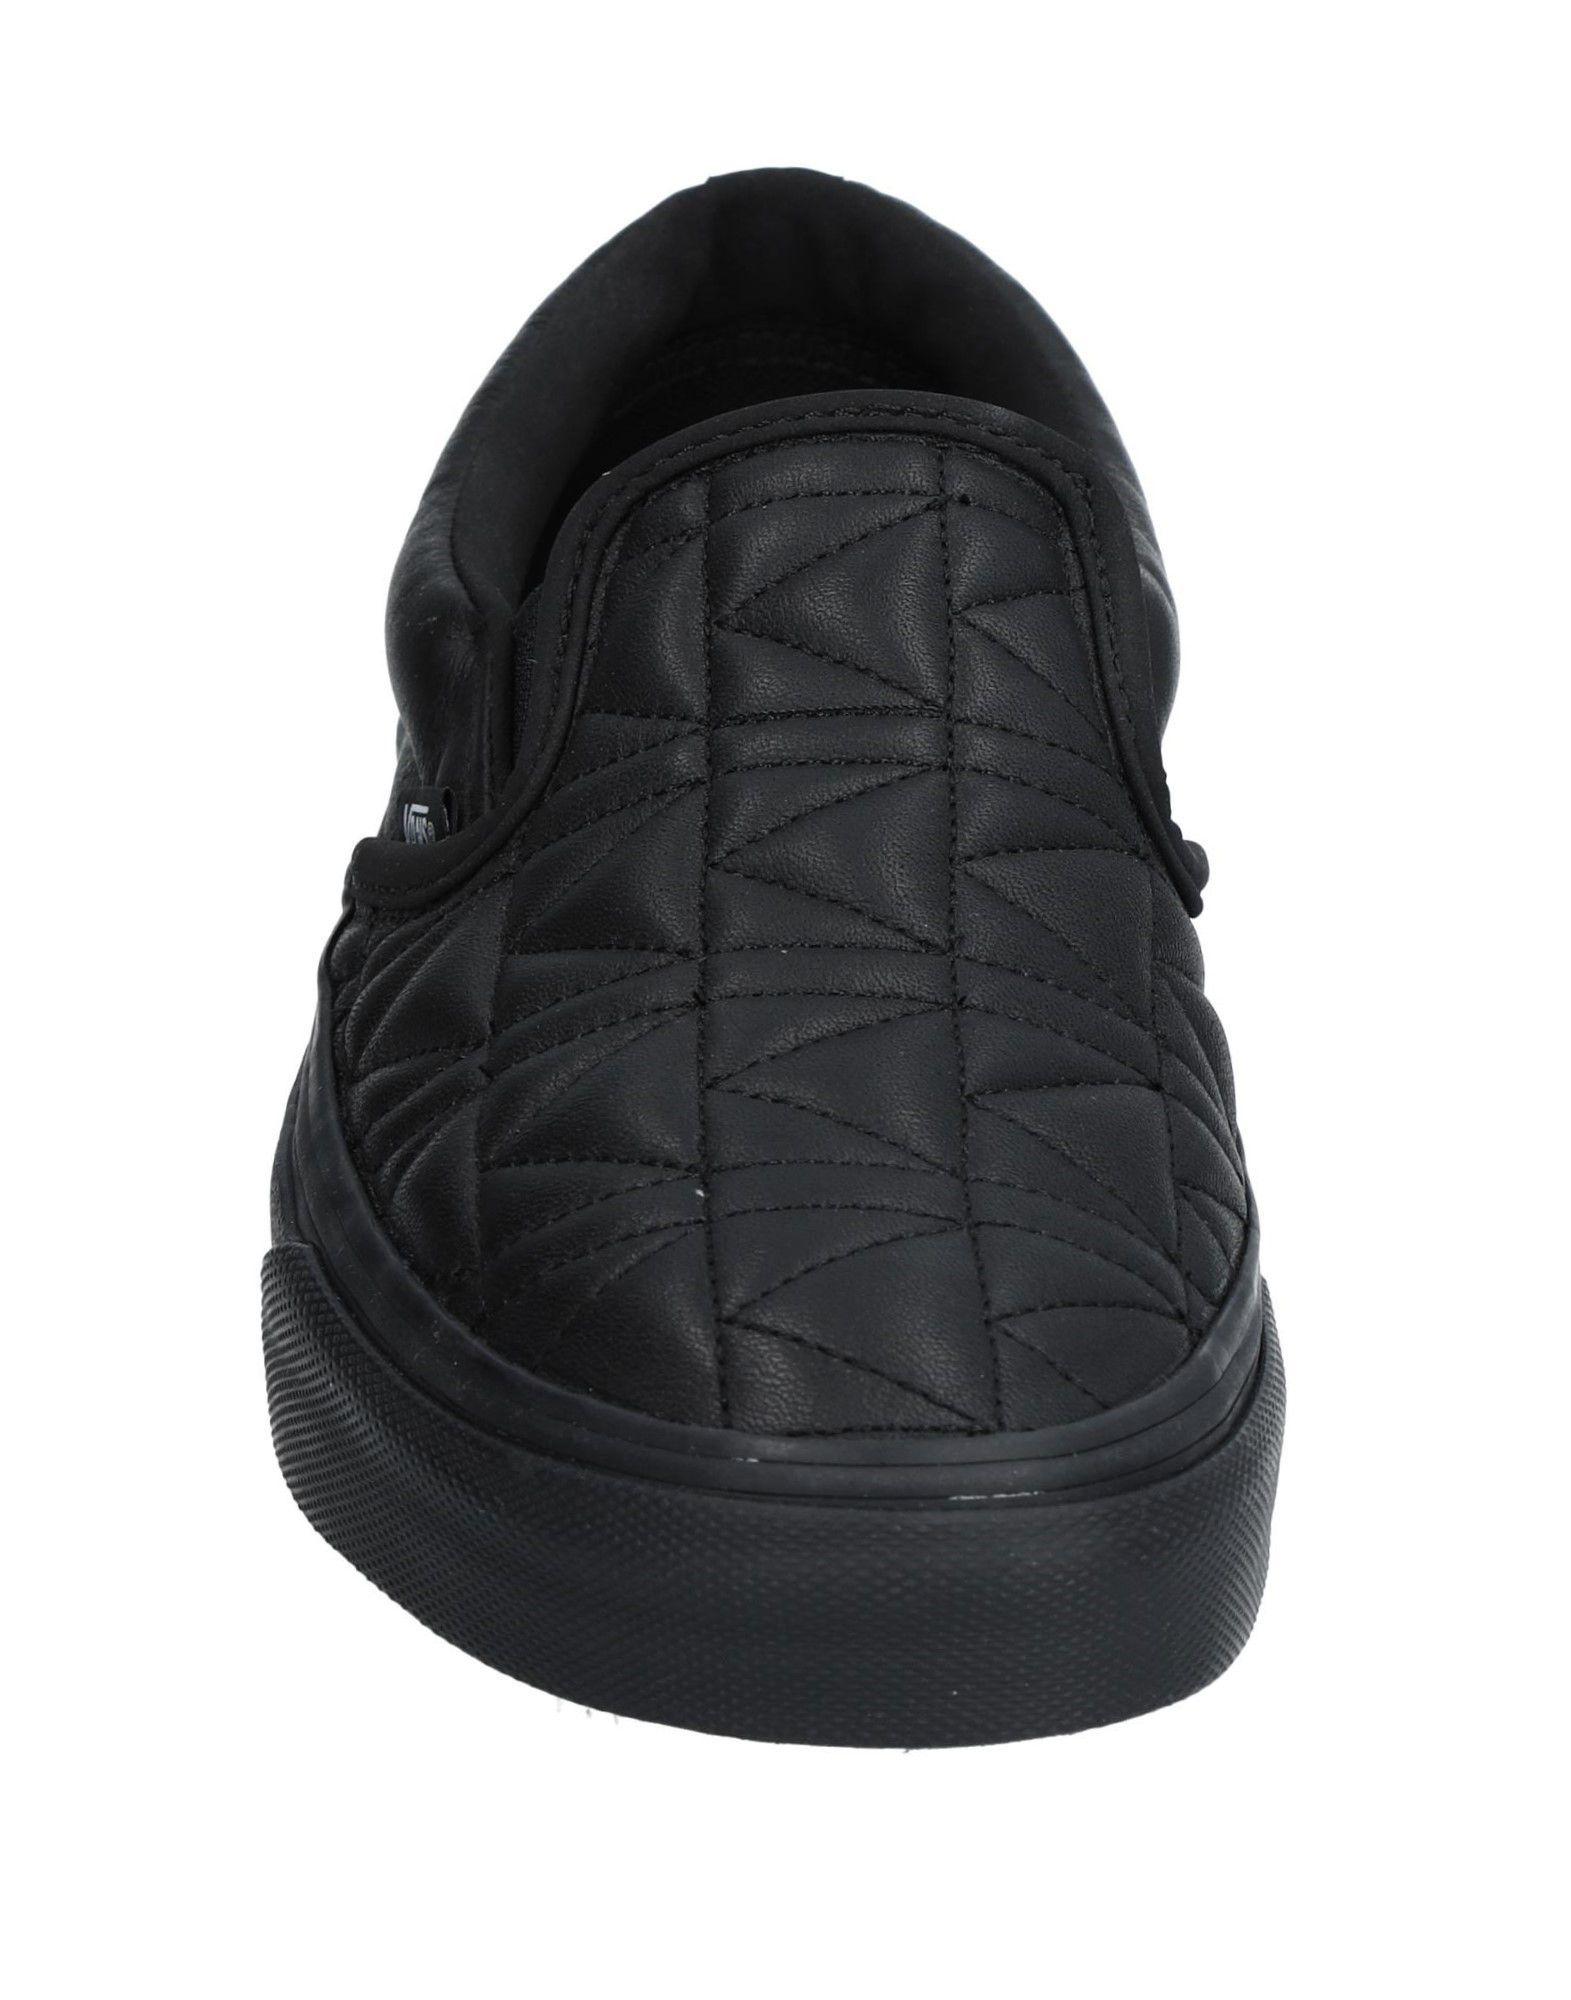 Vans X Karl Lagerfeld beliebte Turnschuhes Damen 11540554OF Gute Qualität beliebte Lagerfeld Schuhe f7f380